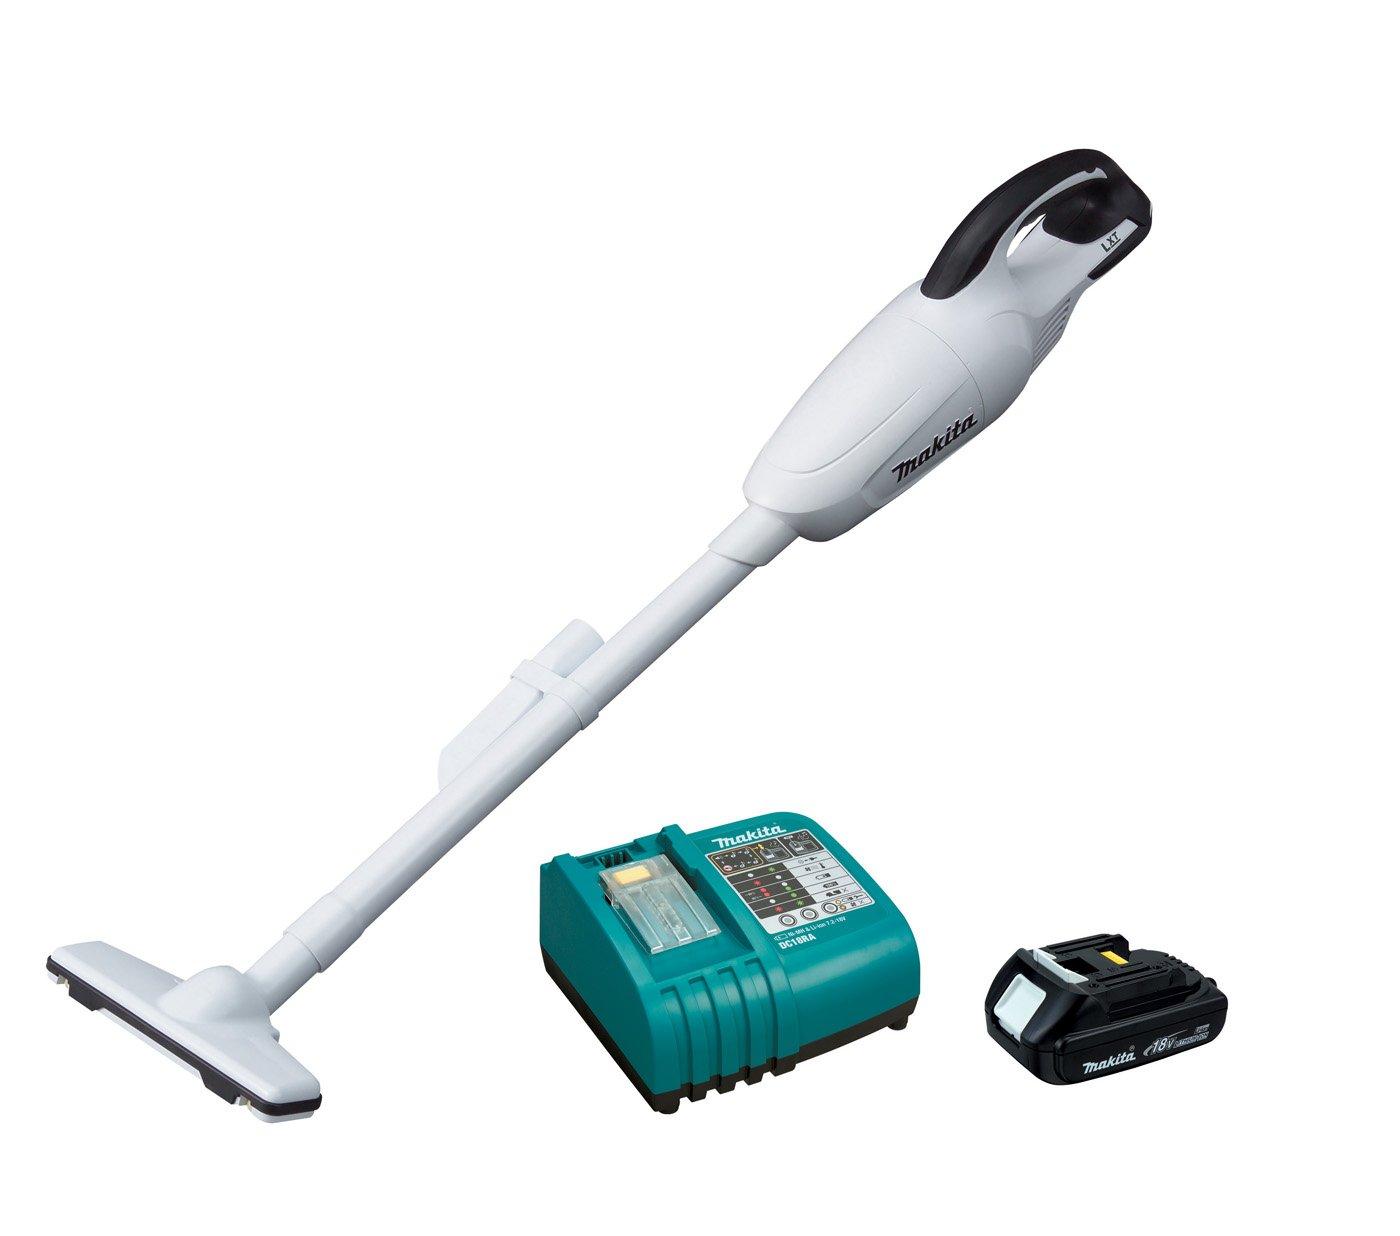 Makita 18-Volt Compact Cordless Vacuum